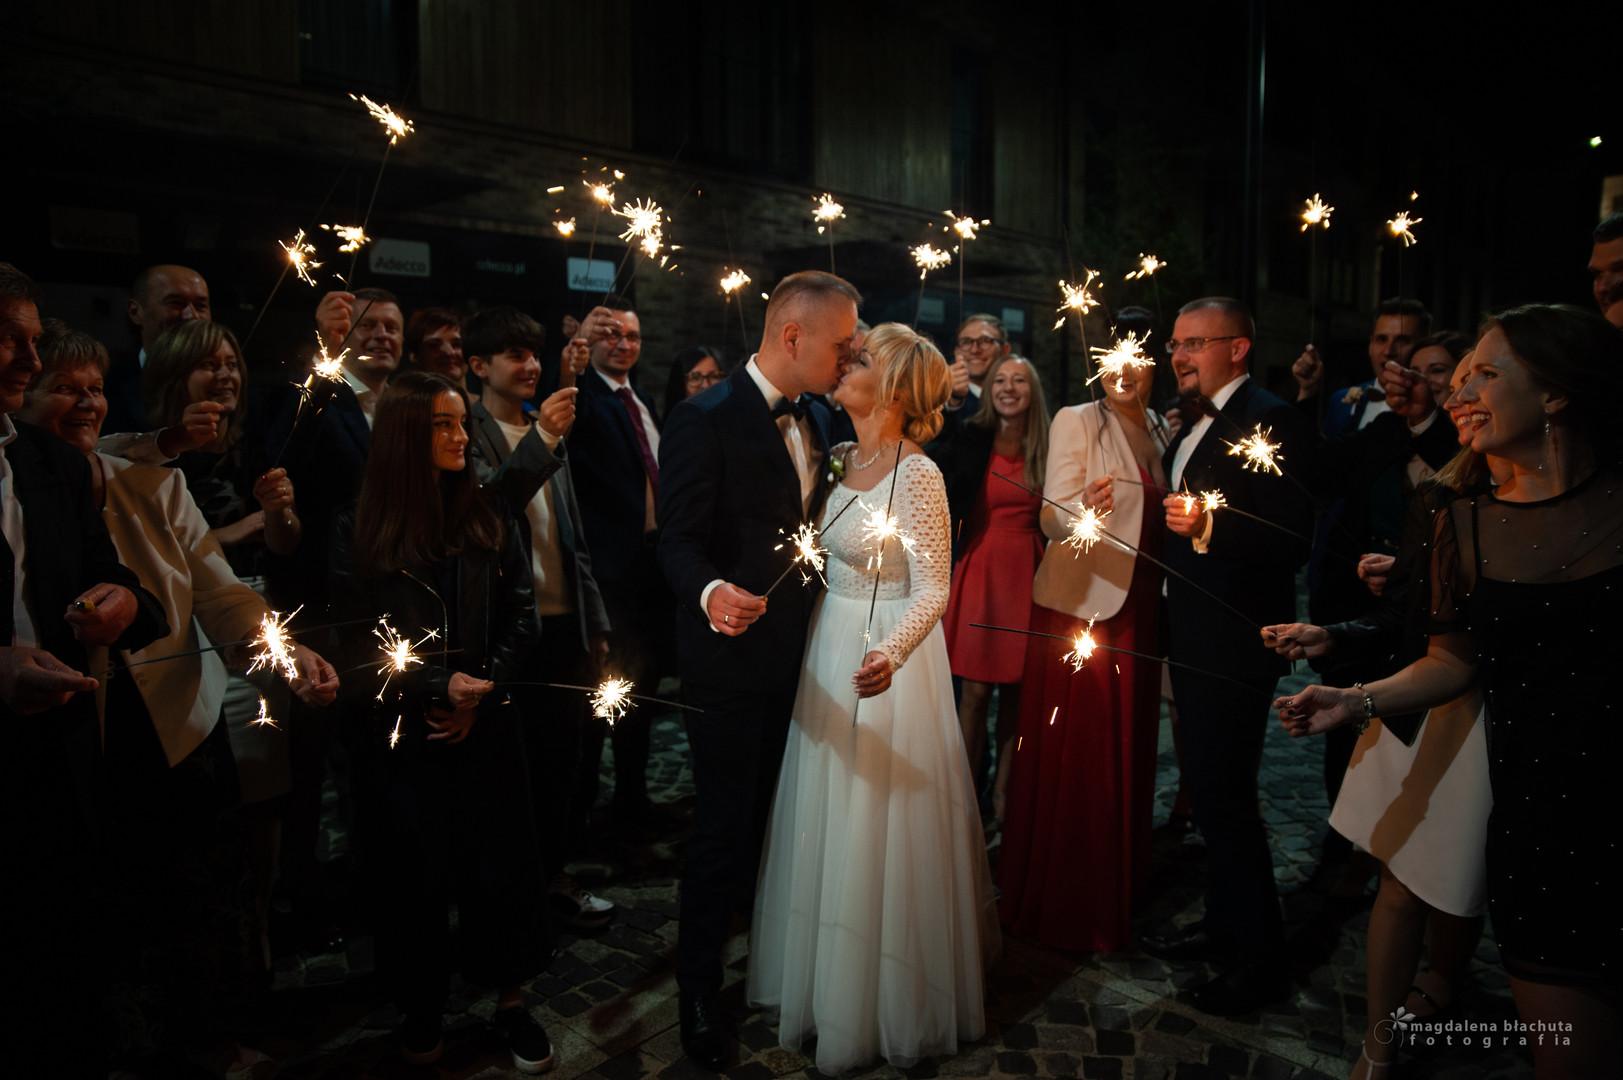 mblachuta_zdjecie z zimnymi ogniami ślub